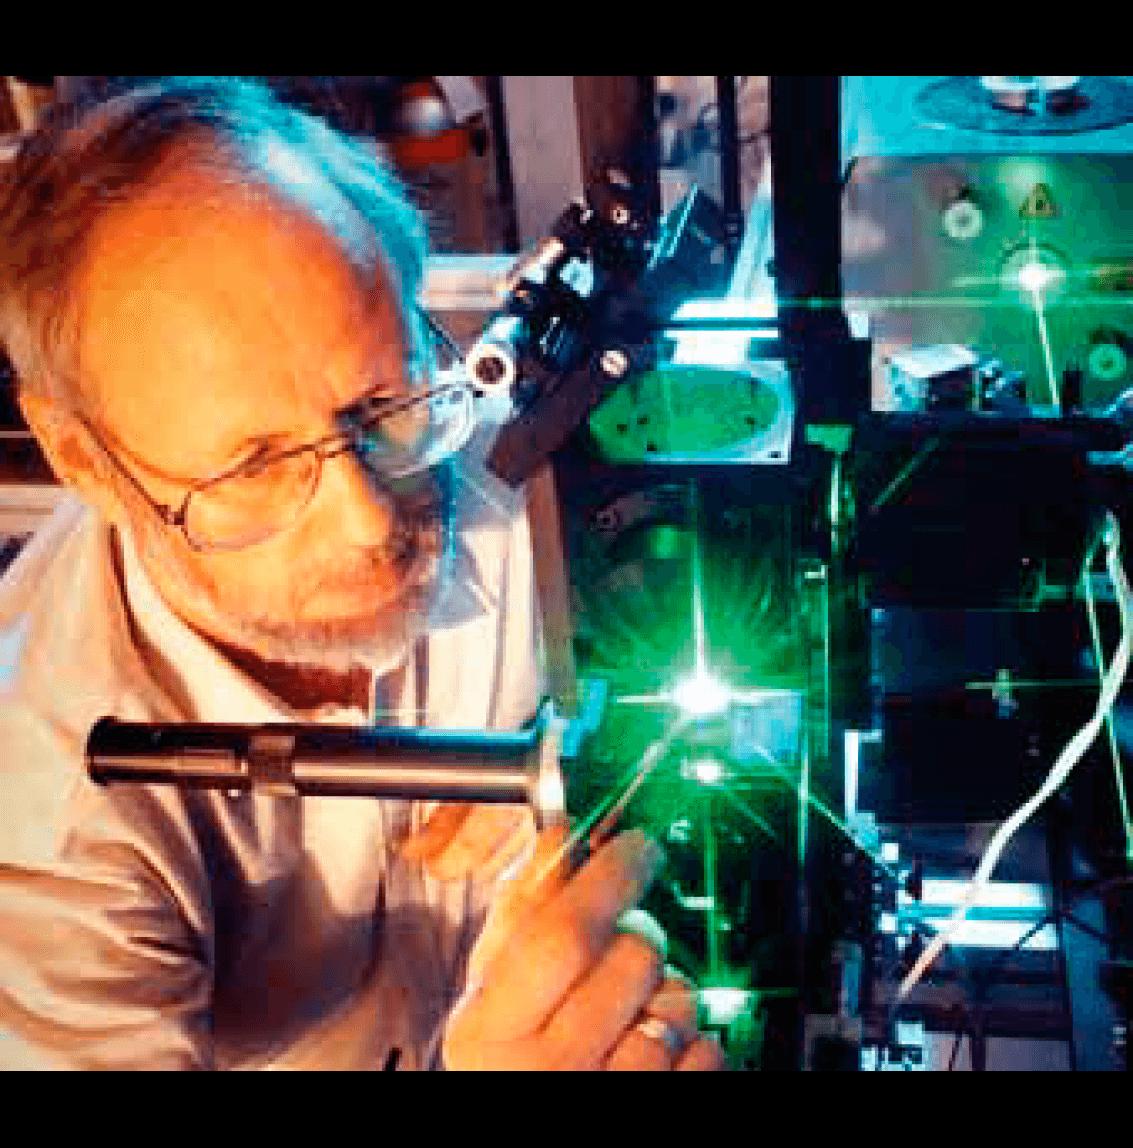 Analizadores de Gases en la Atmósfera2